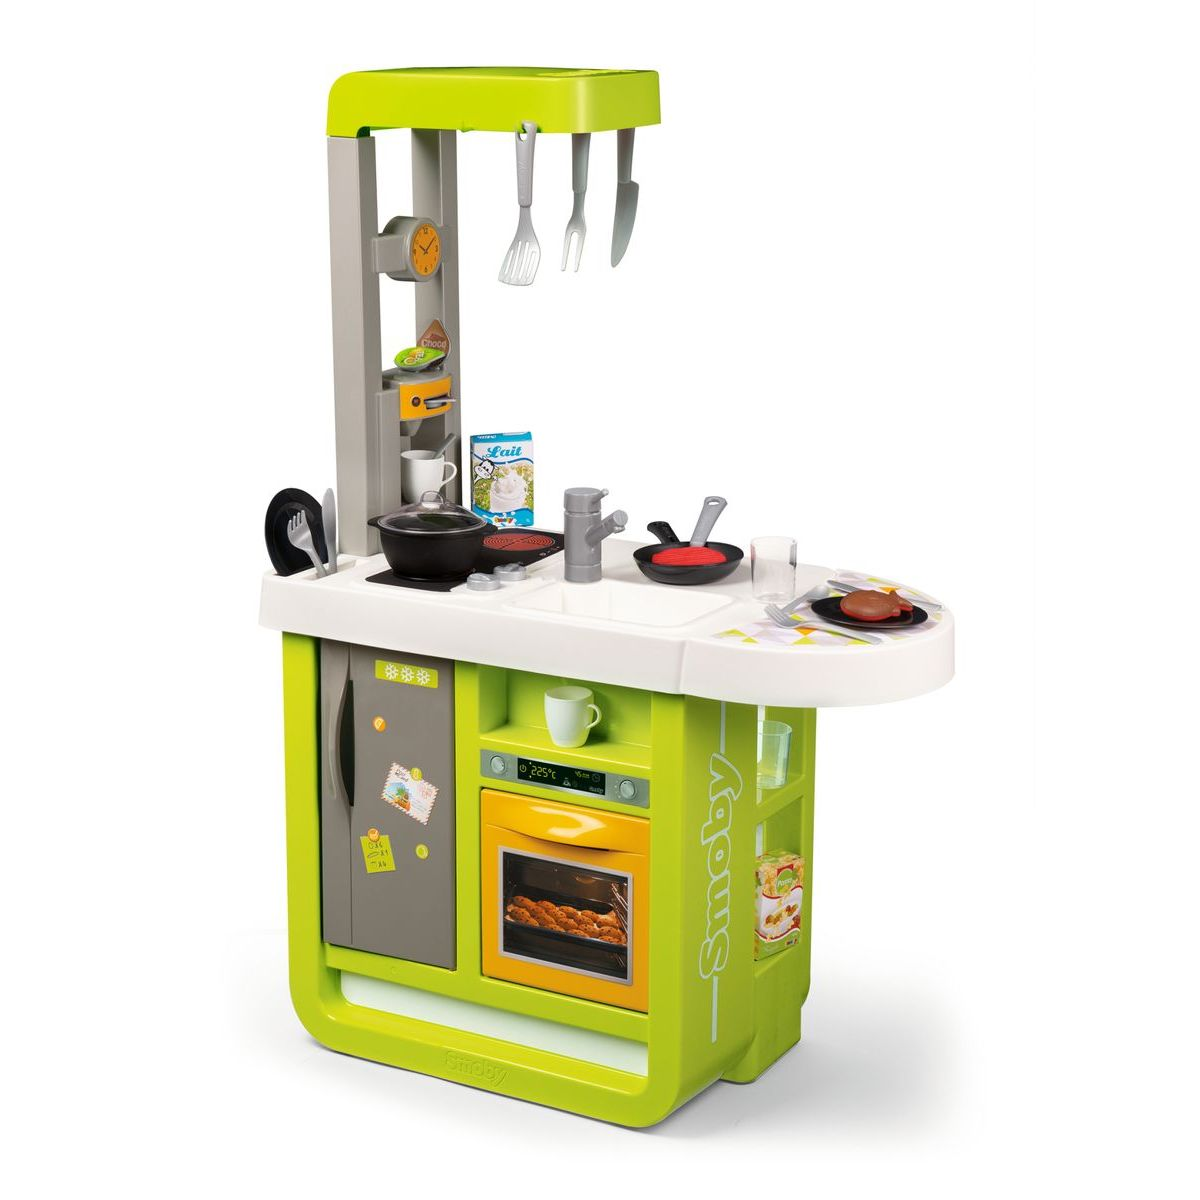 Smoby Kuchyňka Bon Appetit Cherry elektronická zeleno-žlutá